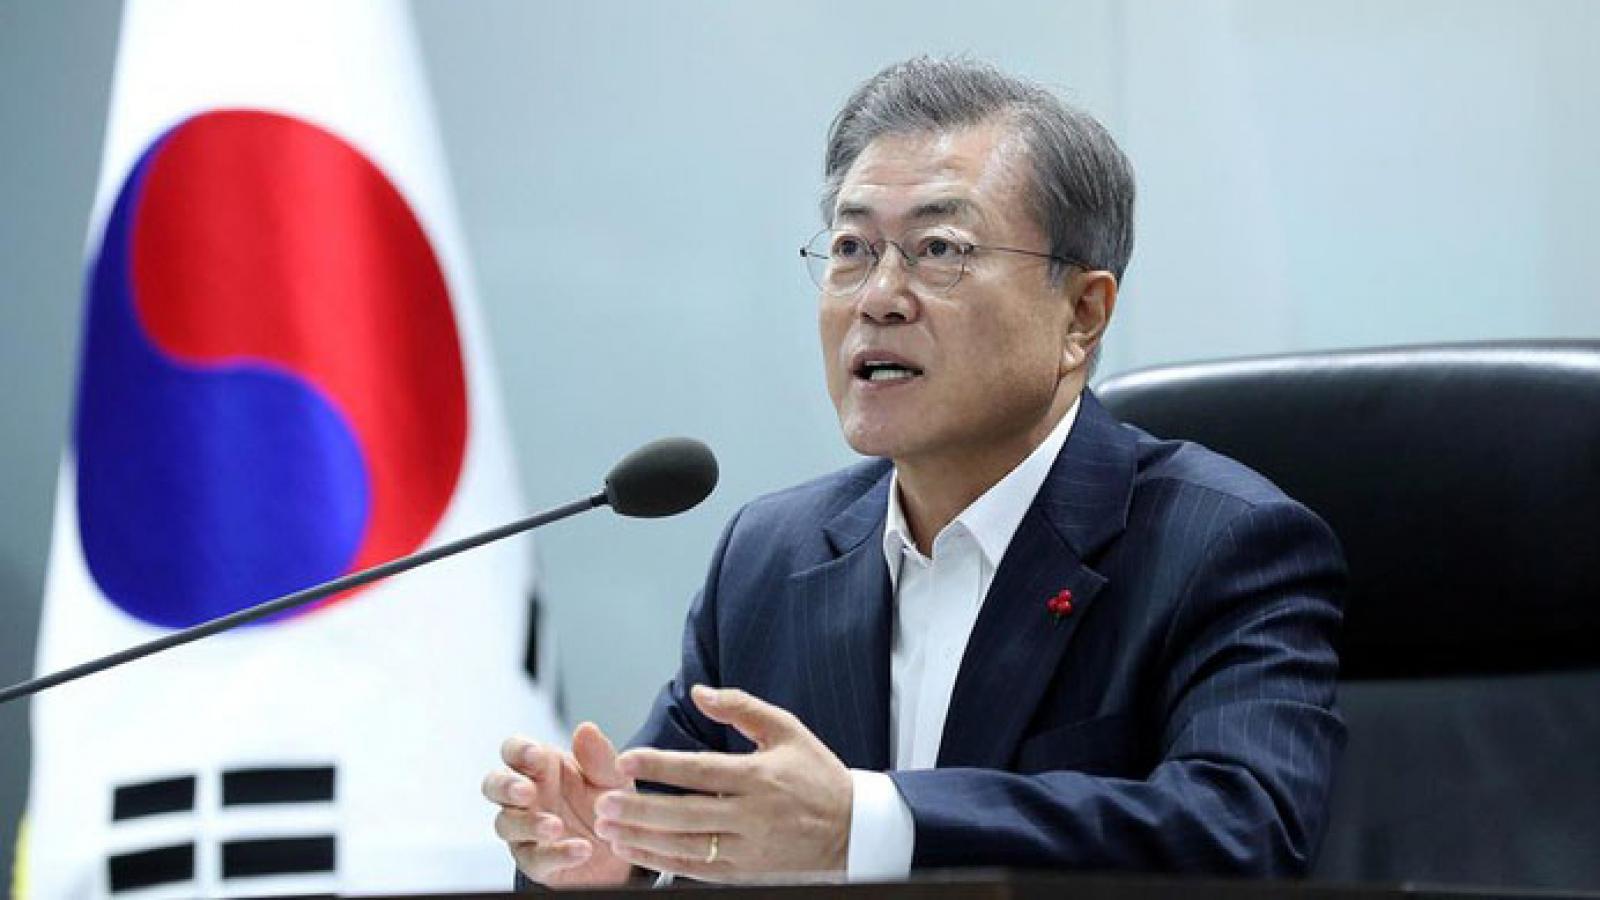 Hơn 54% cử tri ủng hộ cách điều hành của Tổng thống Hàn Quốc